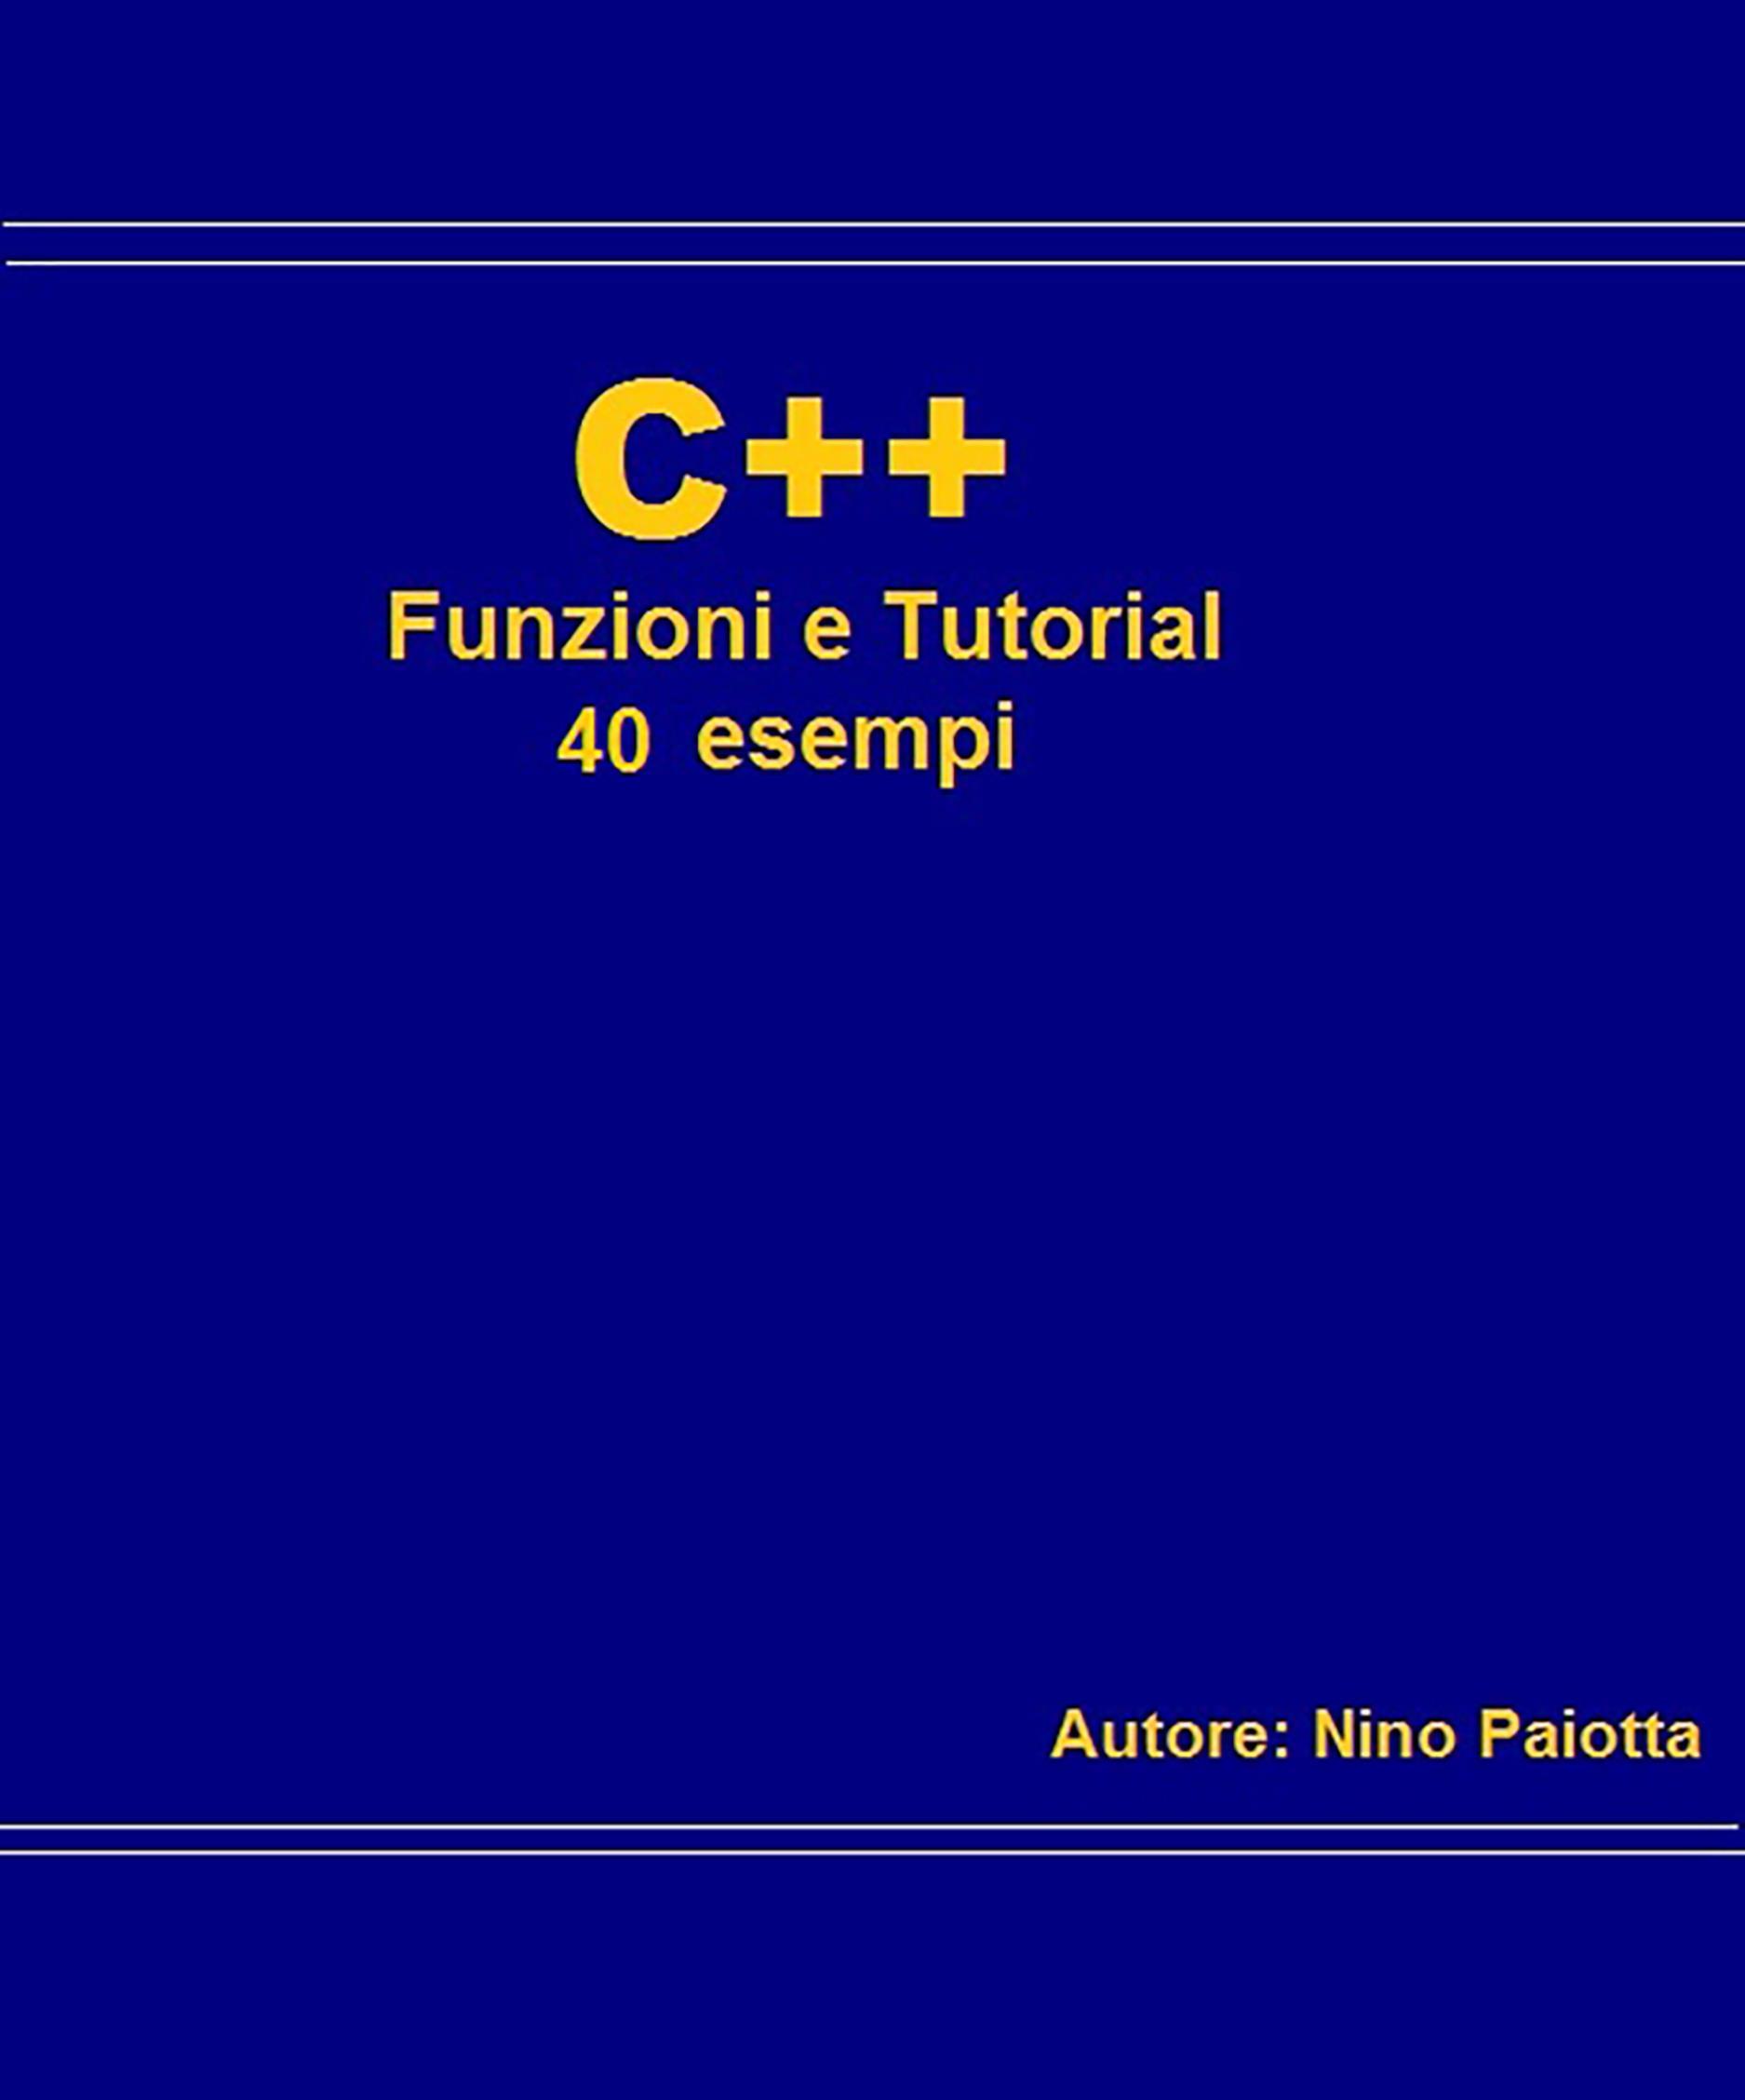 C++ Funzioni e tutorial 40 esempi